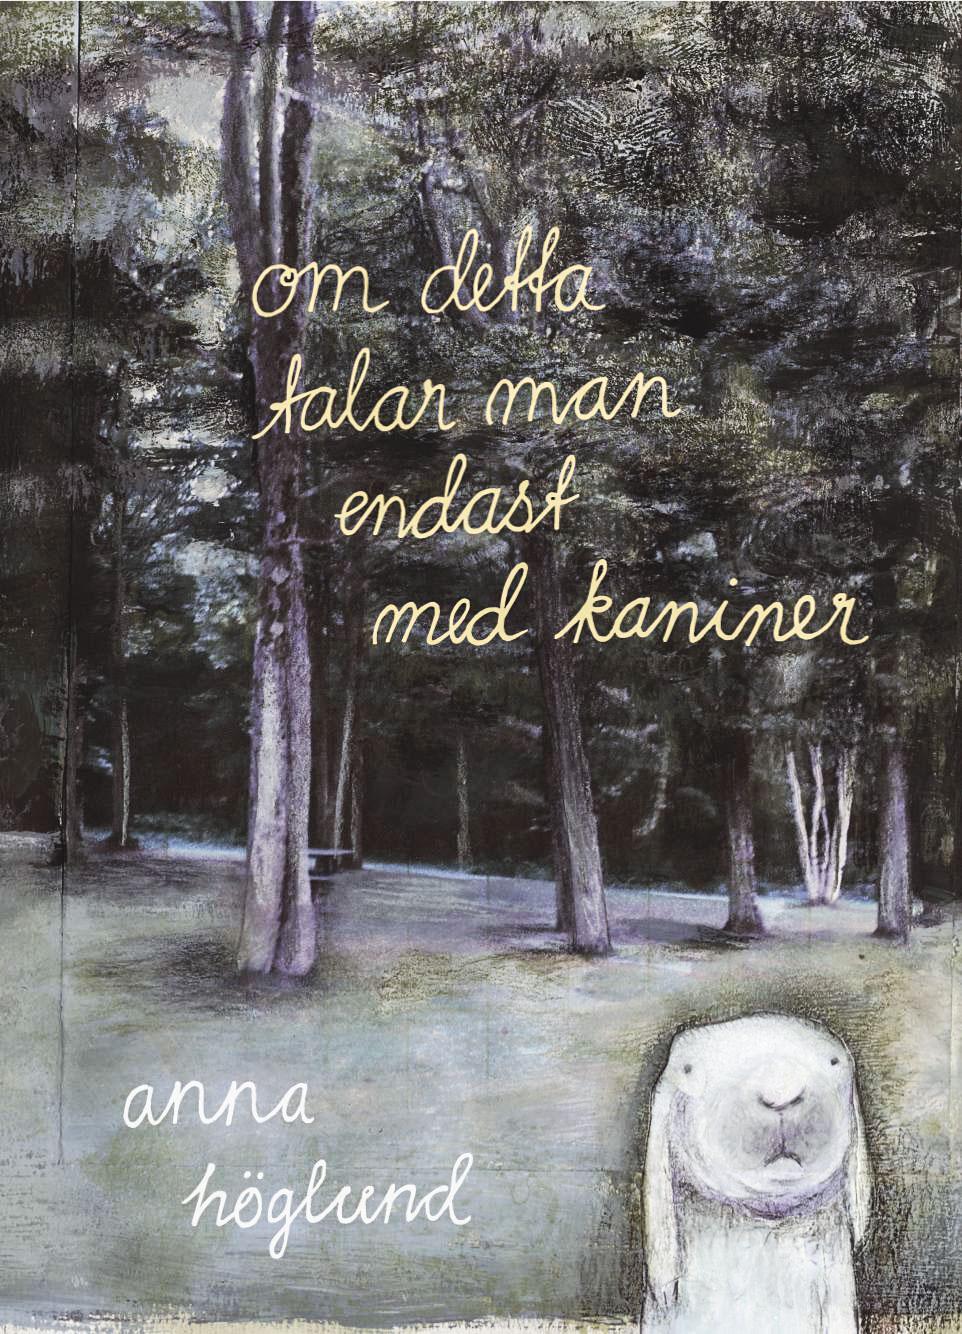 Om detta talar man endast med kaniner (2013), Anna Höglund